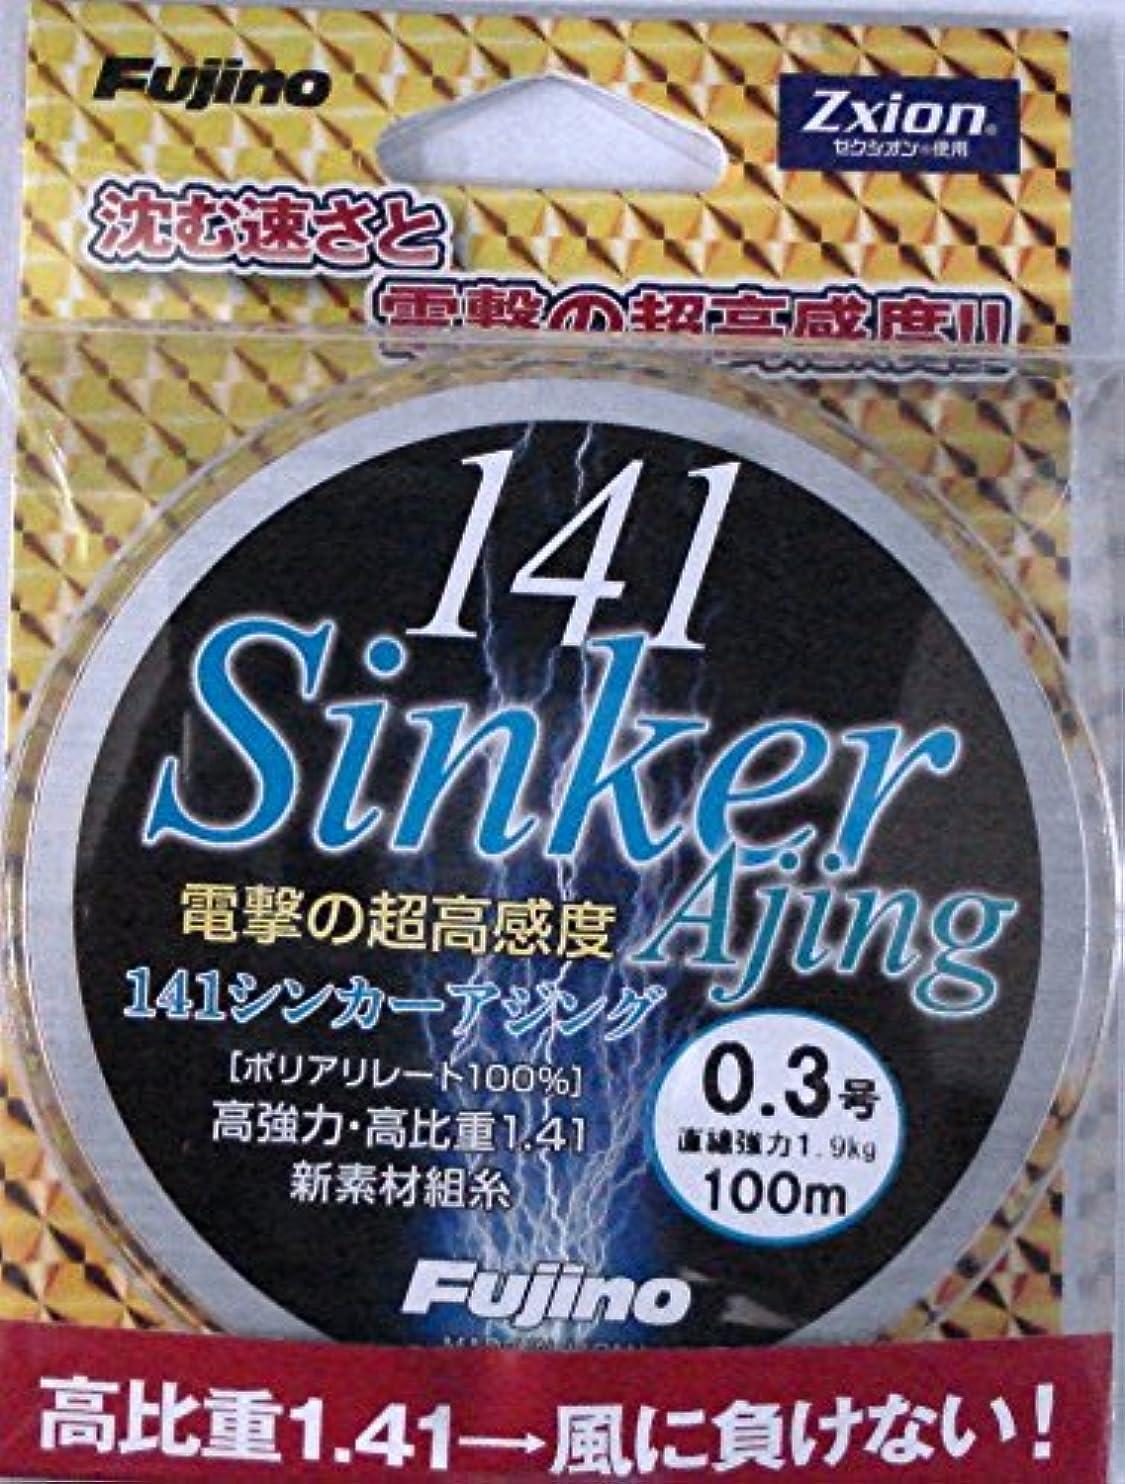 不利益人里離れたブーストFujino(フジノ) ライン fujino(フジノ) 141シンカーアジング 100m L-12